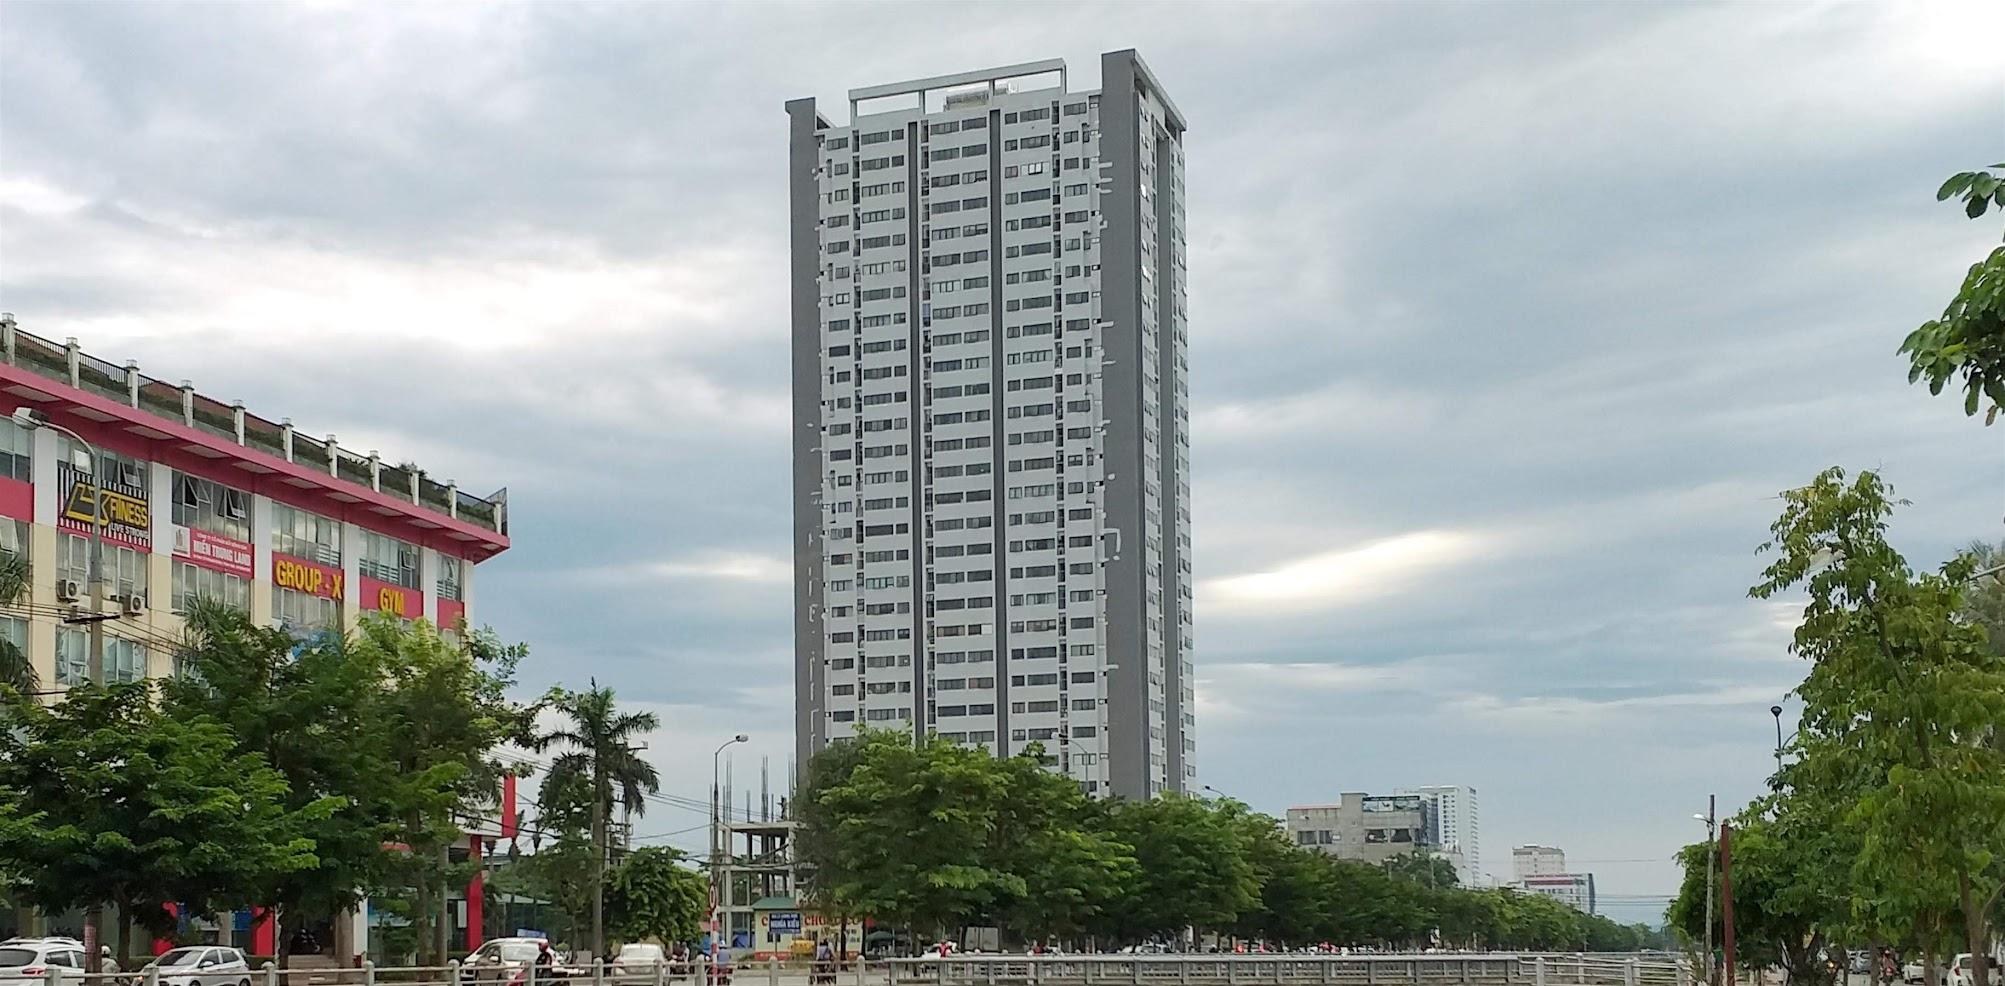 Nhiều hộ dân tại chung cư Bảo Sơn Complex tại số 126 đường  Nguyễn Sỹ Sách, TP Vinh bị chủ đầu tư cắt điện, cắt nước sinh hoạt vì chưa nộp thêm tiền mua căn hộ